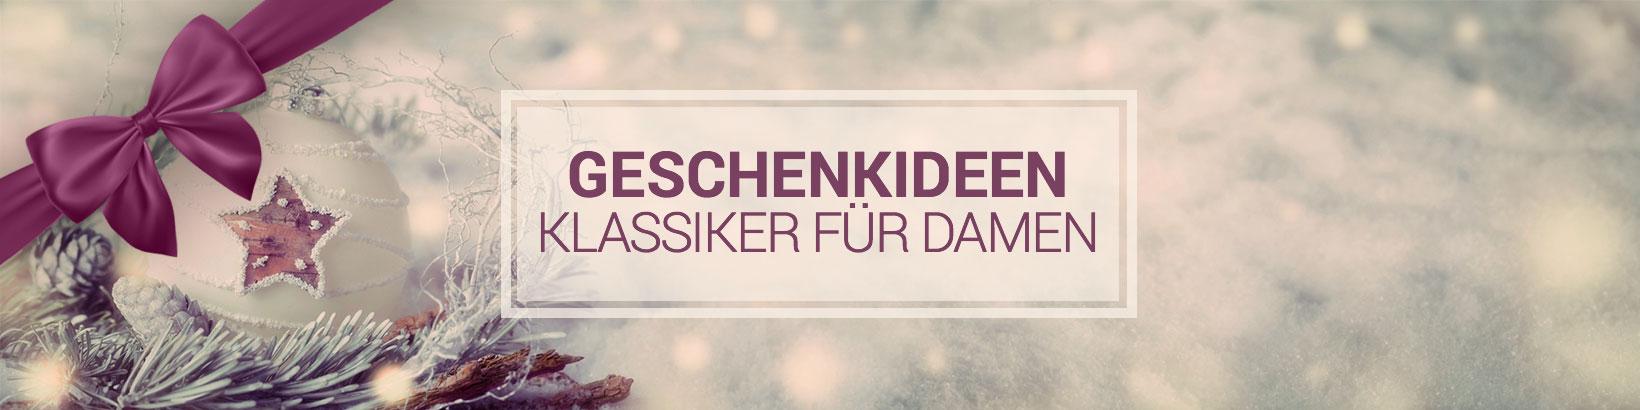 Visual-Weihnachent-Geschenke-Damen-Duftklassiker-1640x410